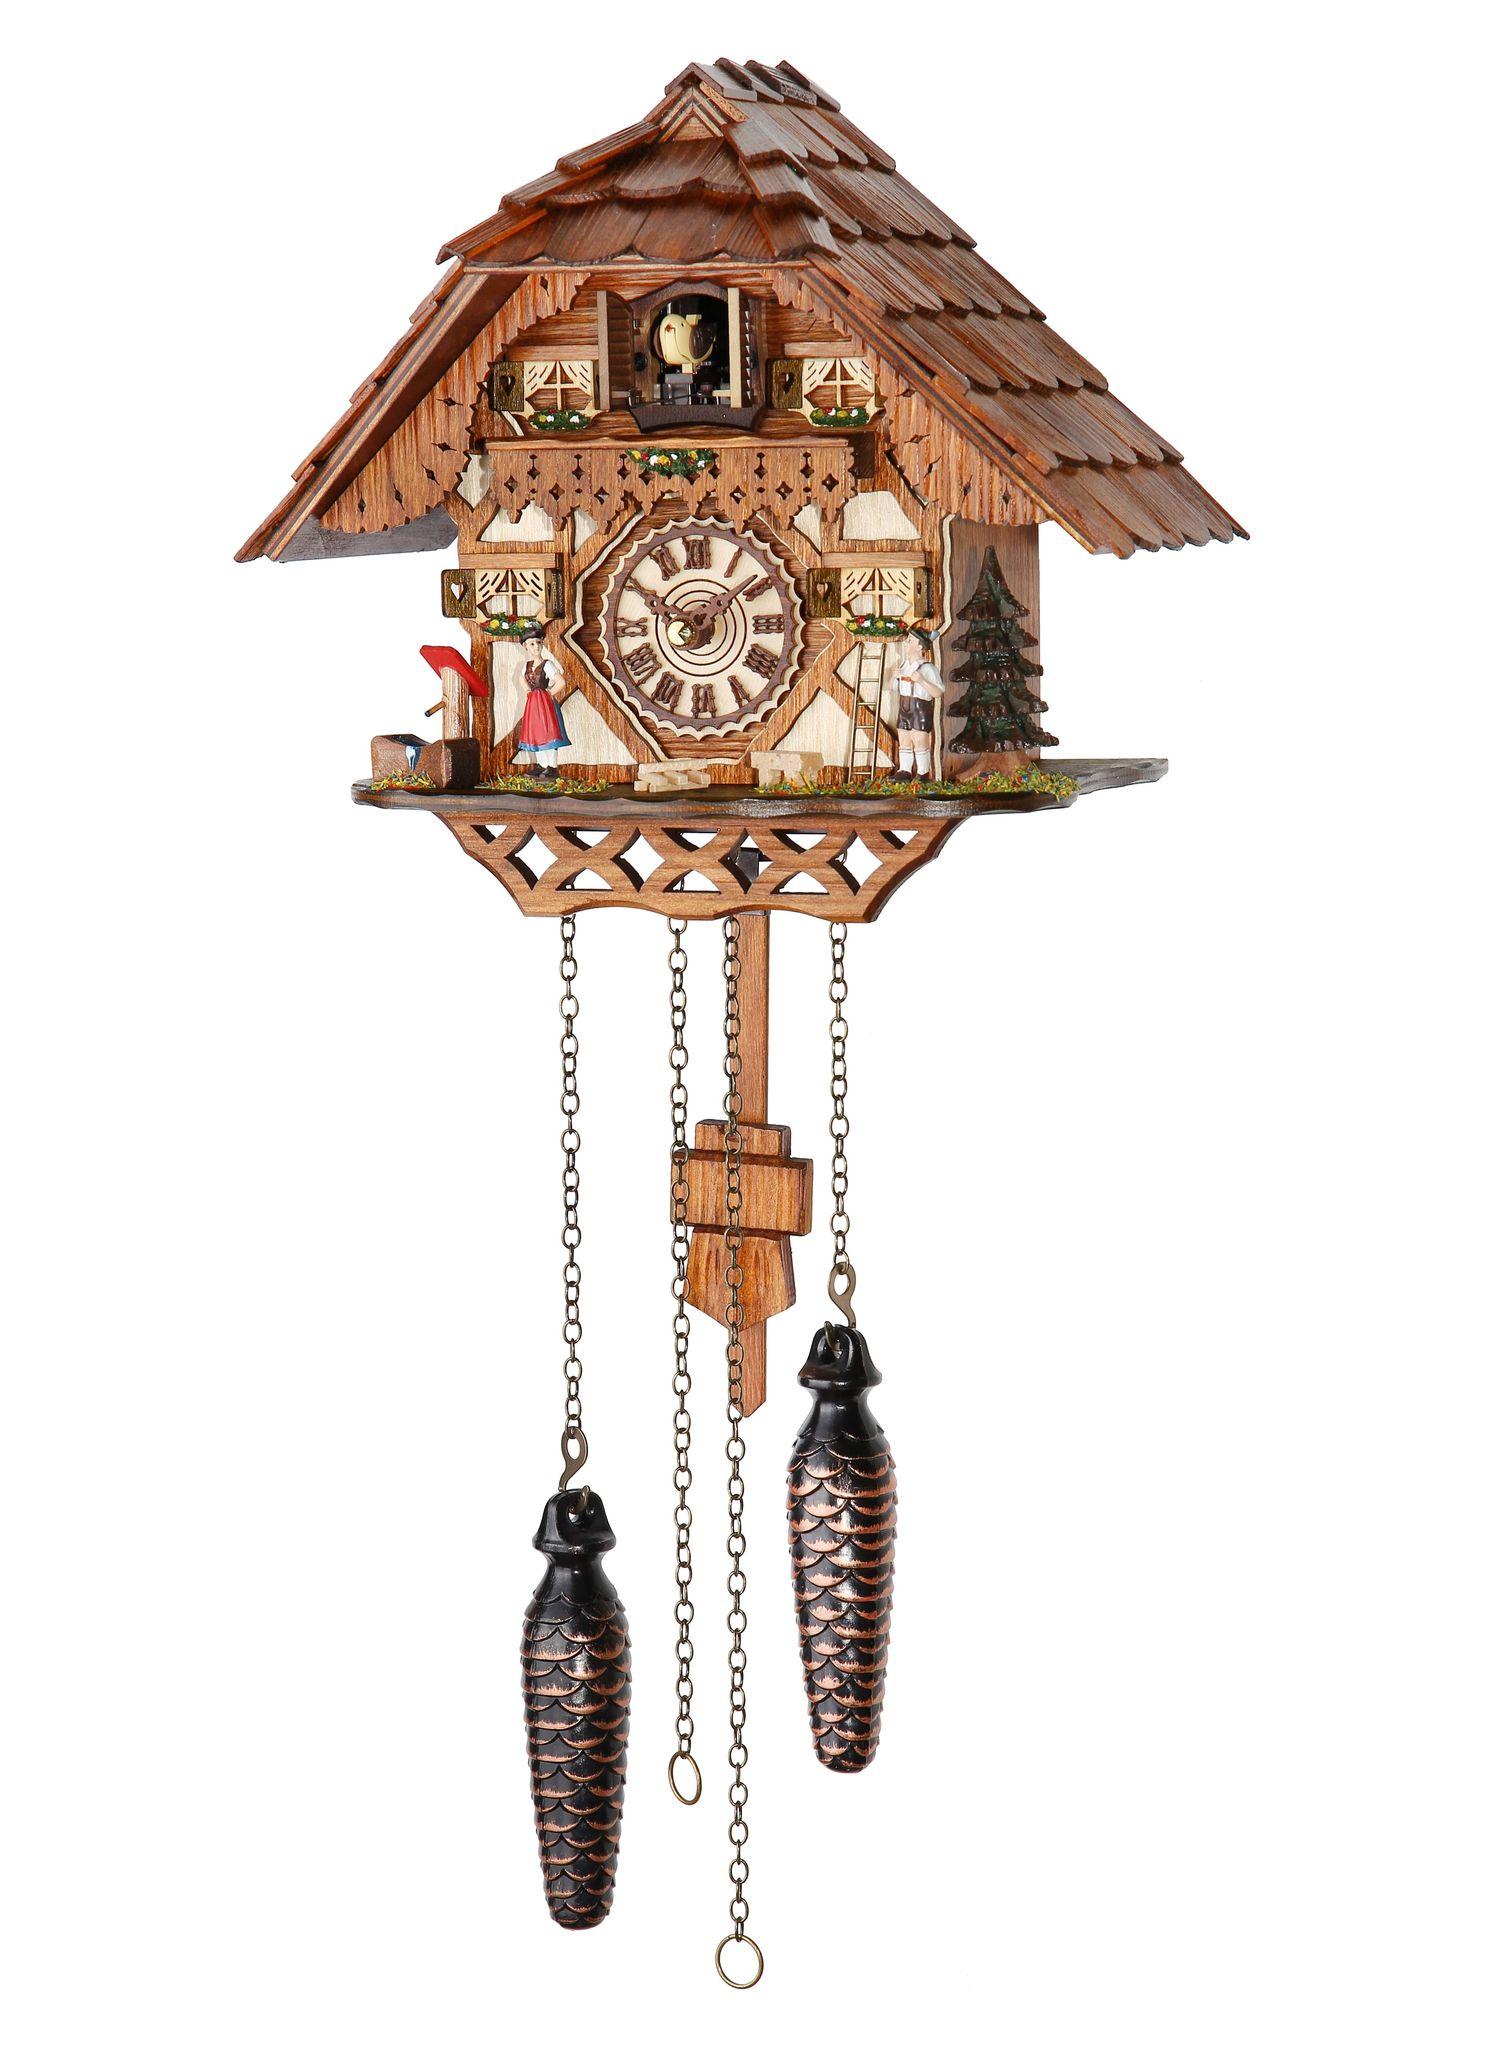 Часы настенные Часы настенные с кукушкой Trenkle 4227 QM chasy-nastennye-s-kukushkoy-trenkle-4227-qm-germaniya.jpg